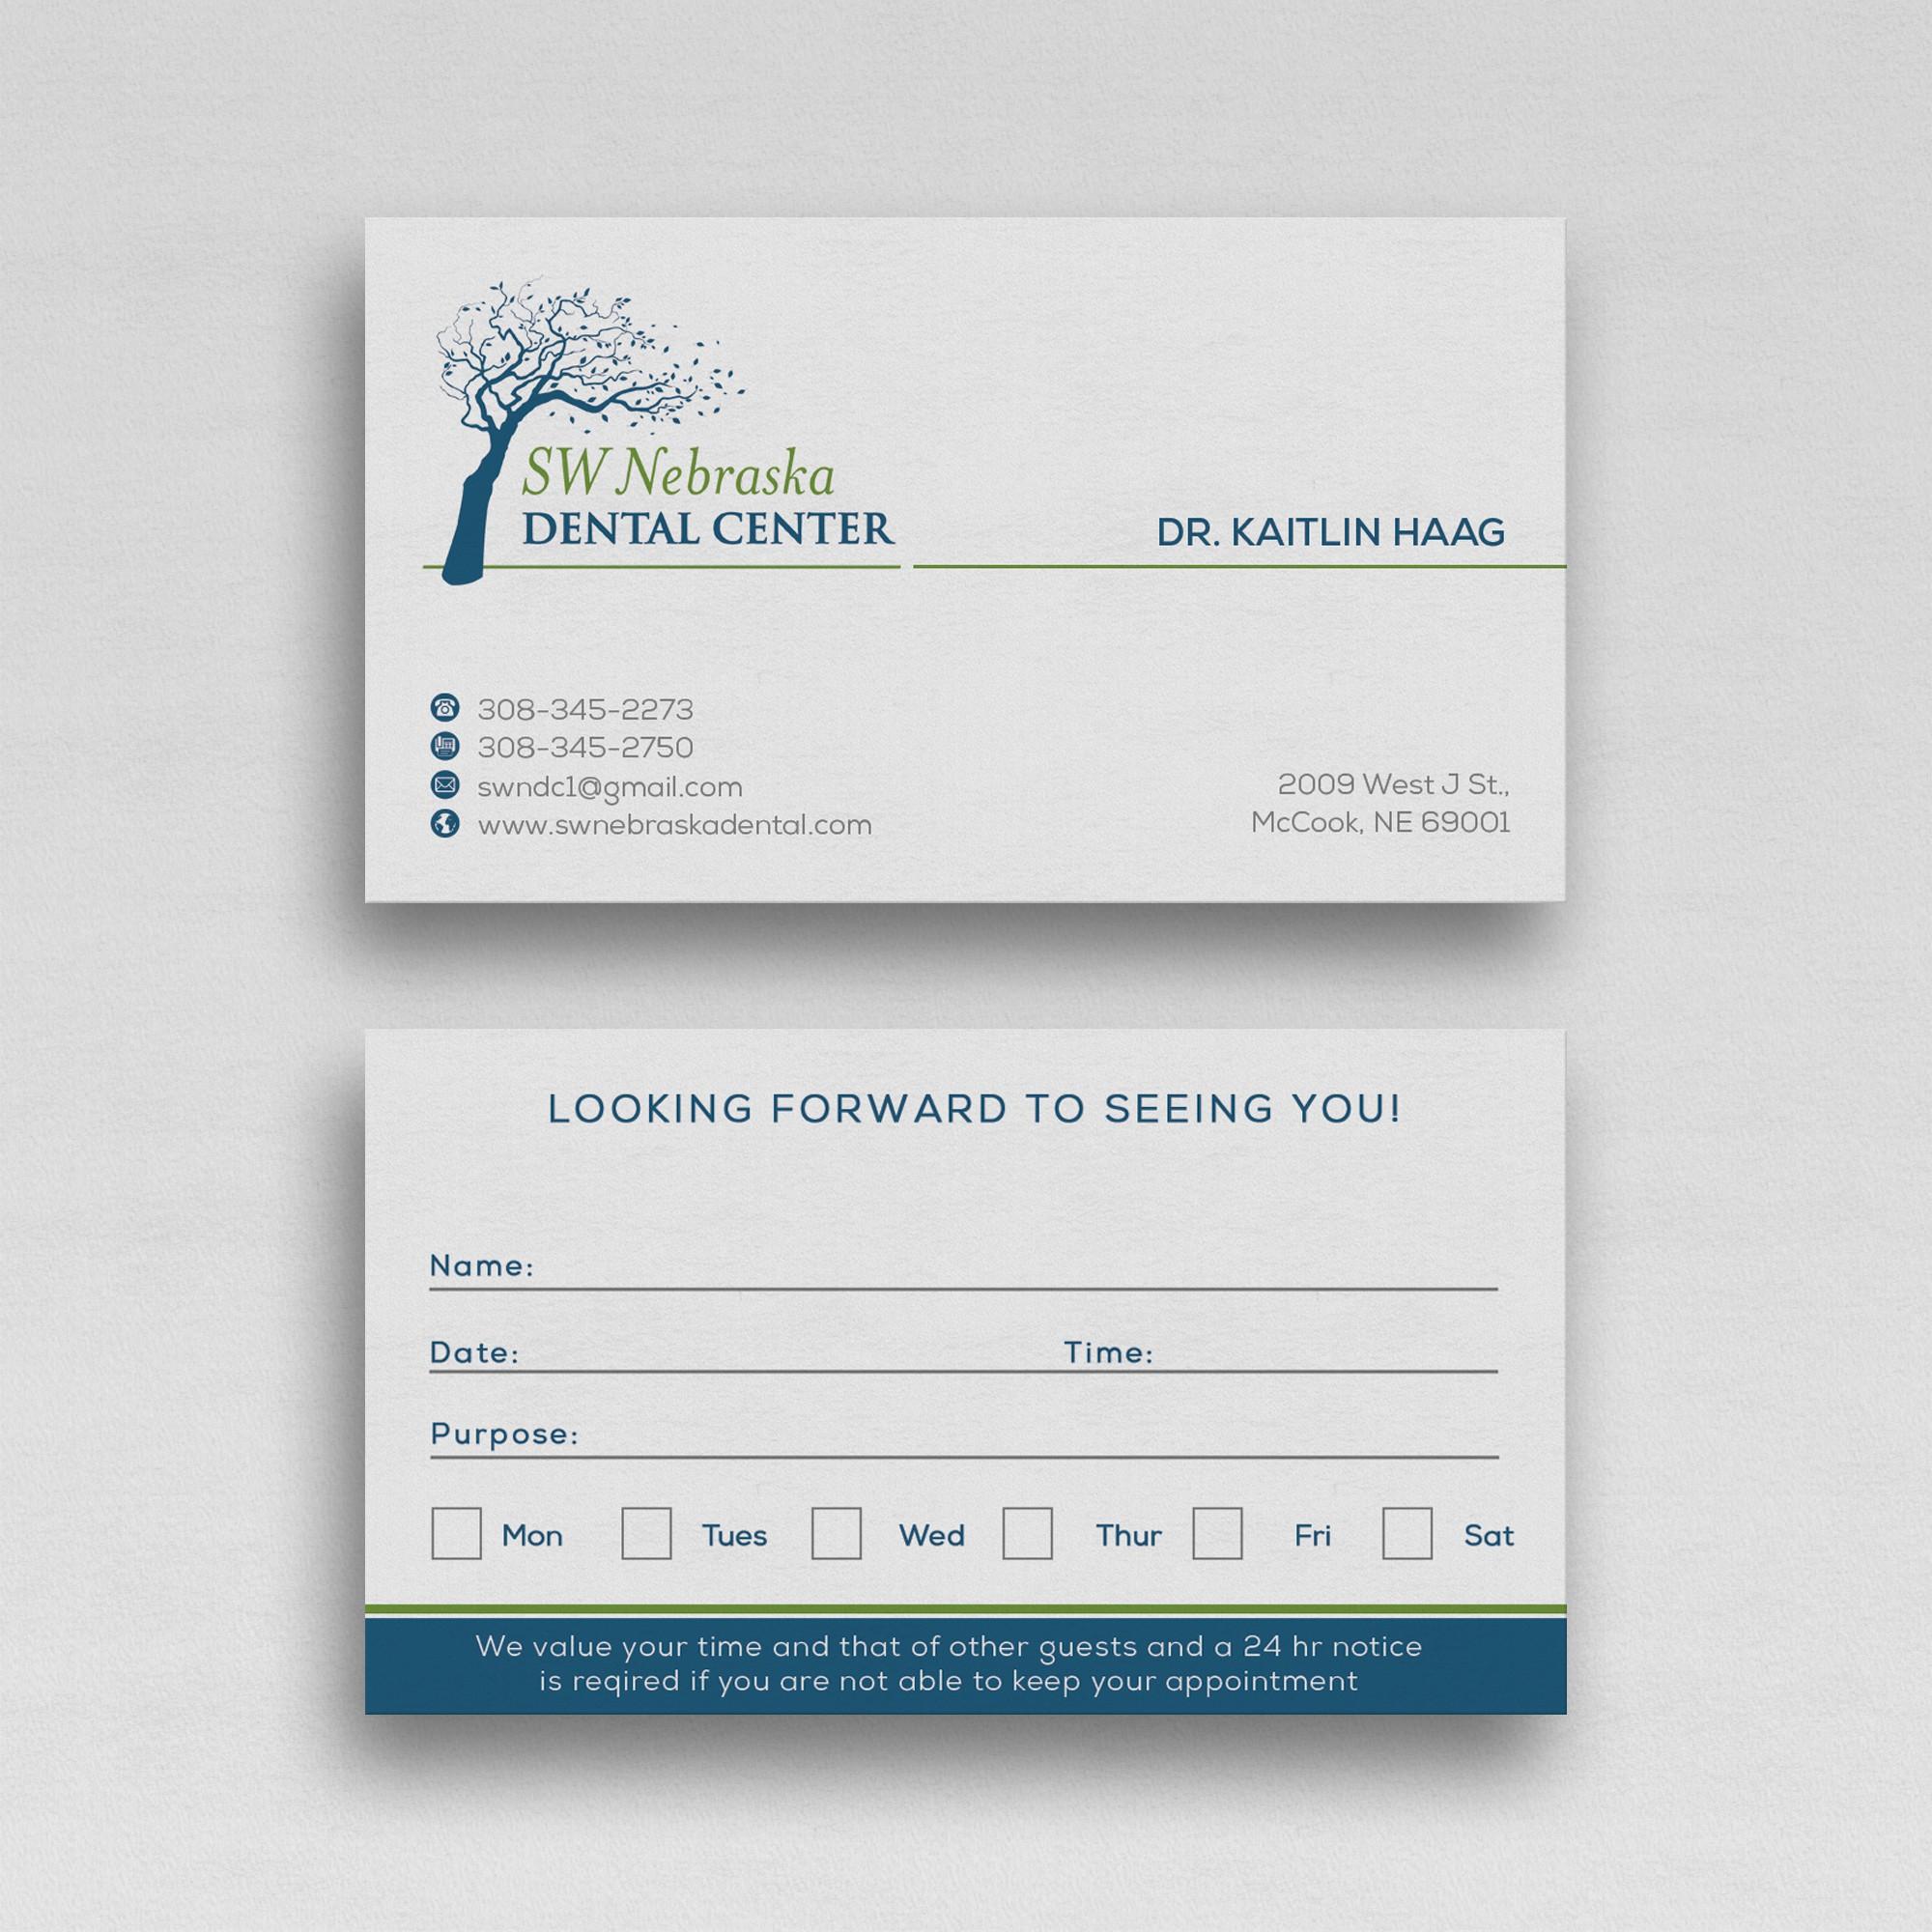 Letterhead and Envelopes for dental office